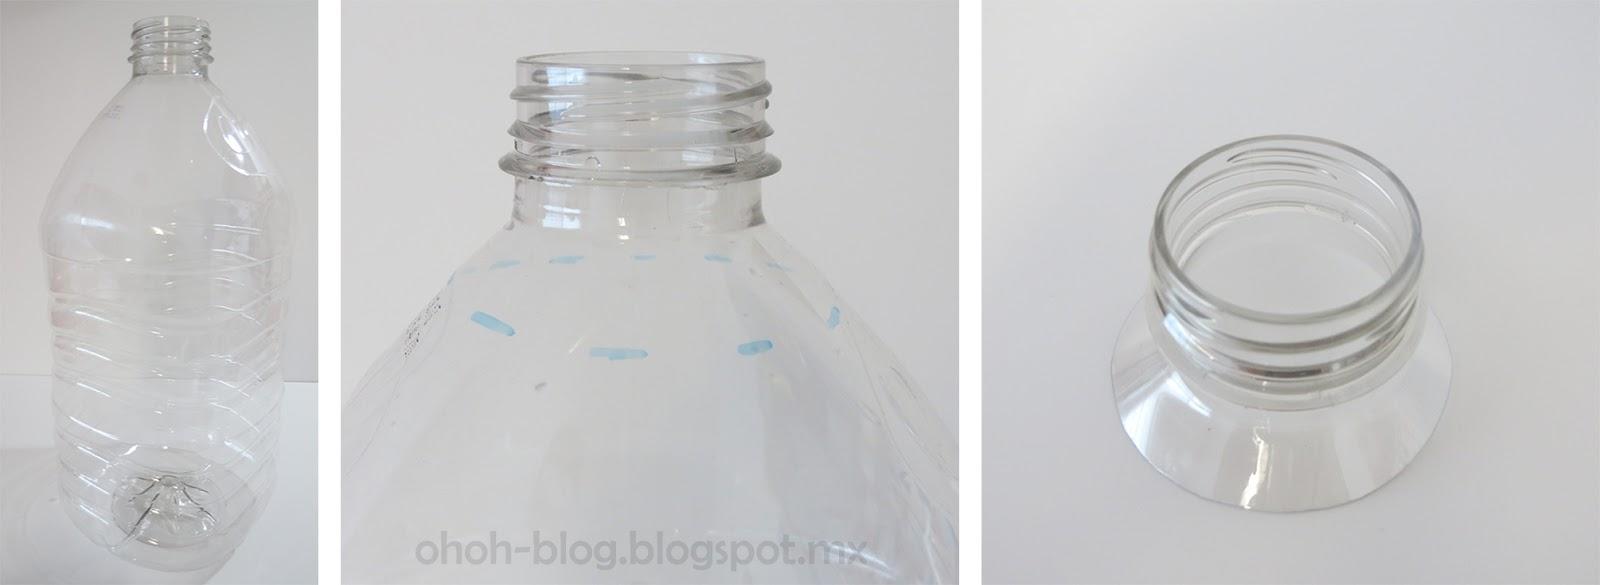 Material: cartn fino, 4 palillos de madera de 45 cm, 4 chinches, una  botella de plstico de 5L y hilo. Pintar los palillos y atarlos juntos en  cada extremo ...